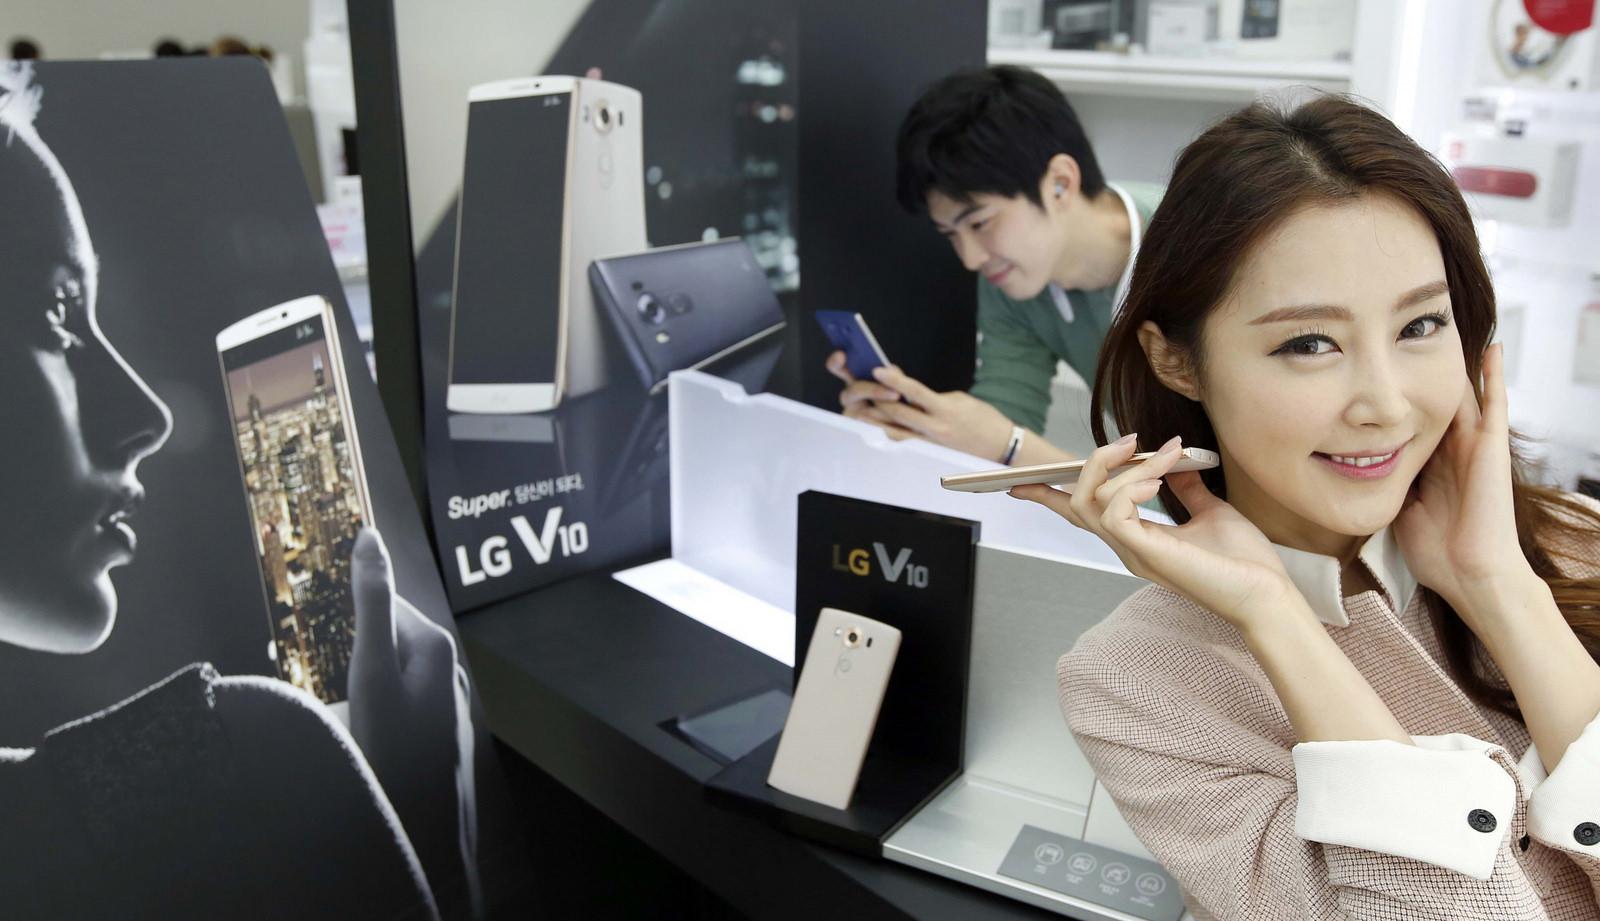 LG V10 official images